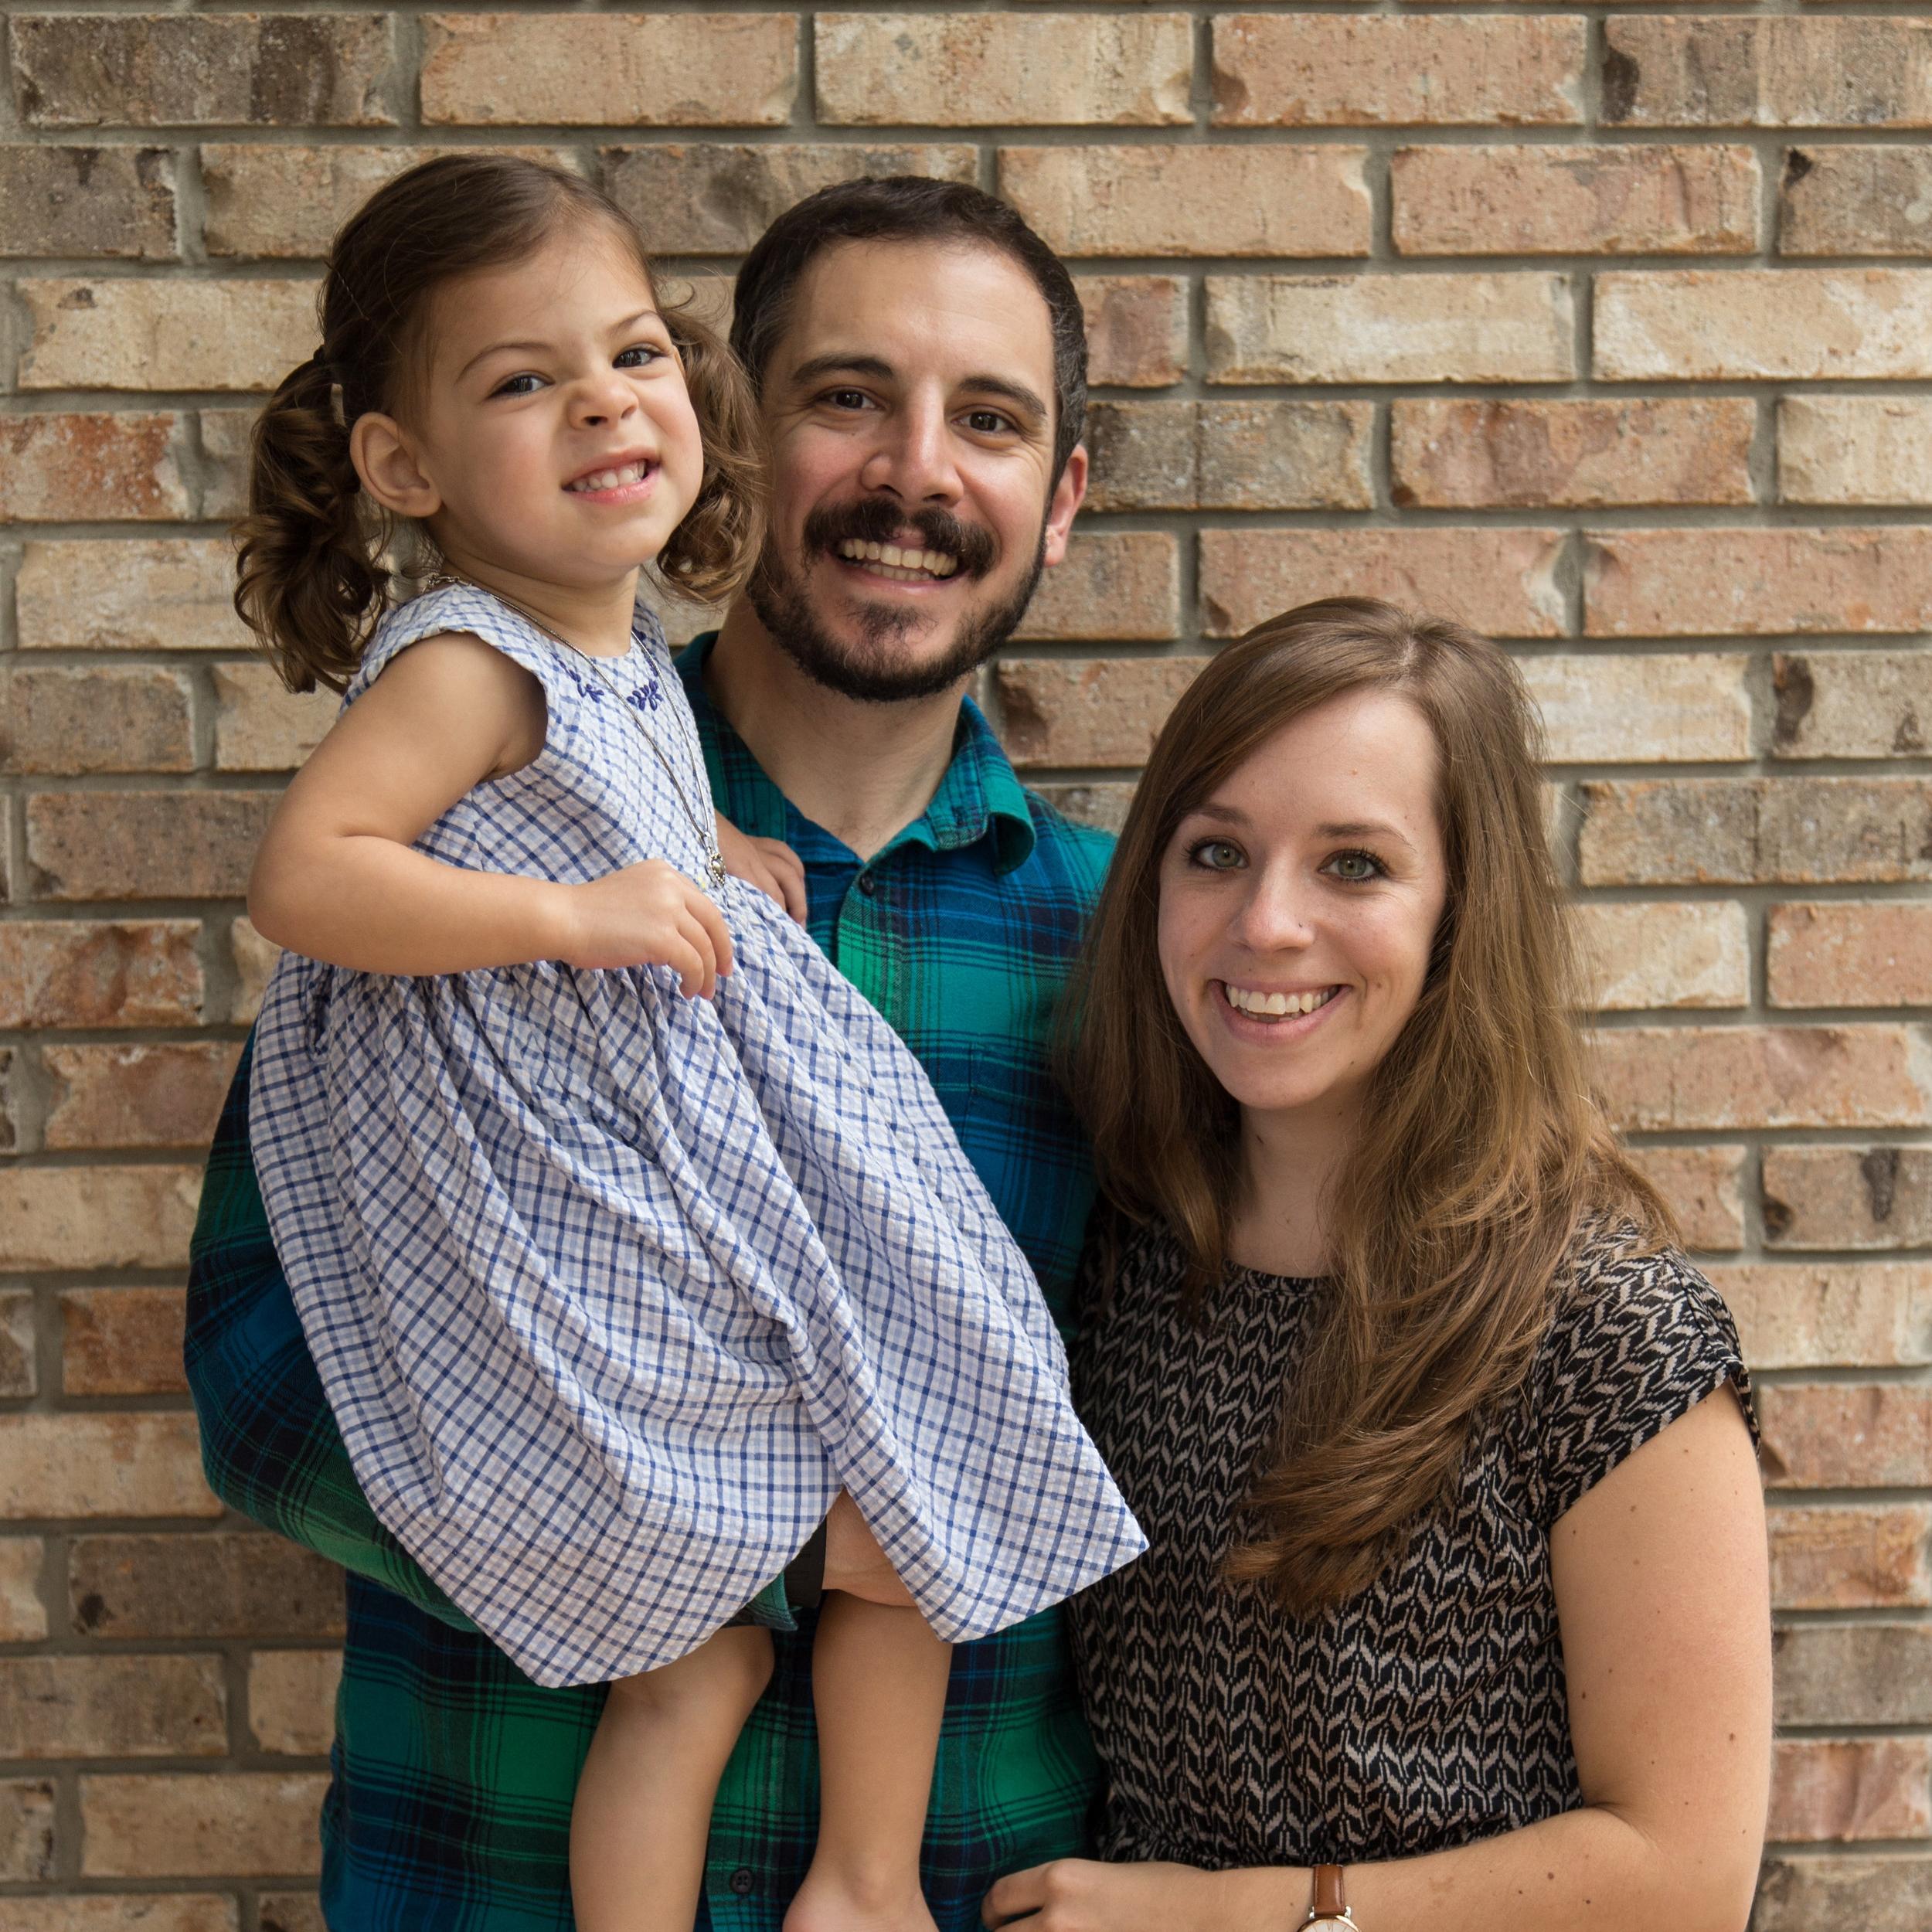 Colorado family of three praying to adopt through open adoption